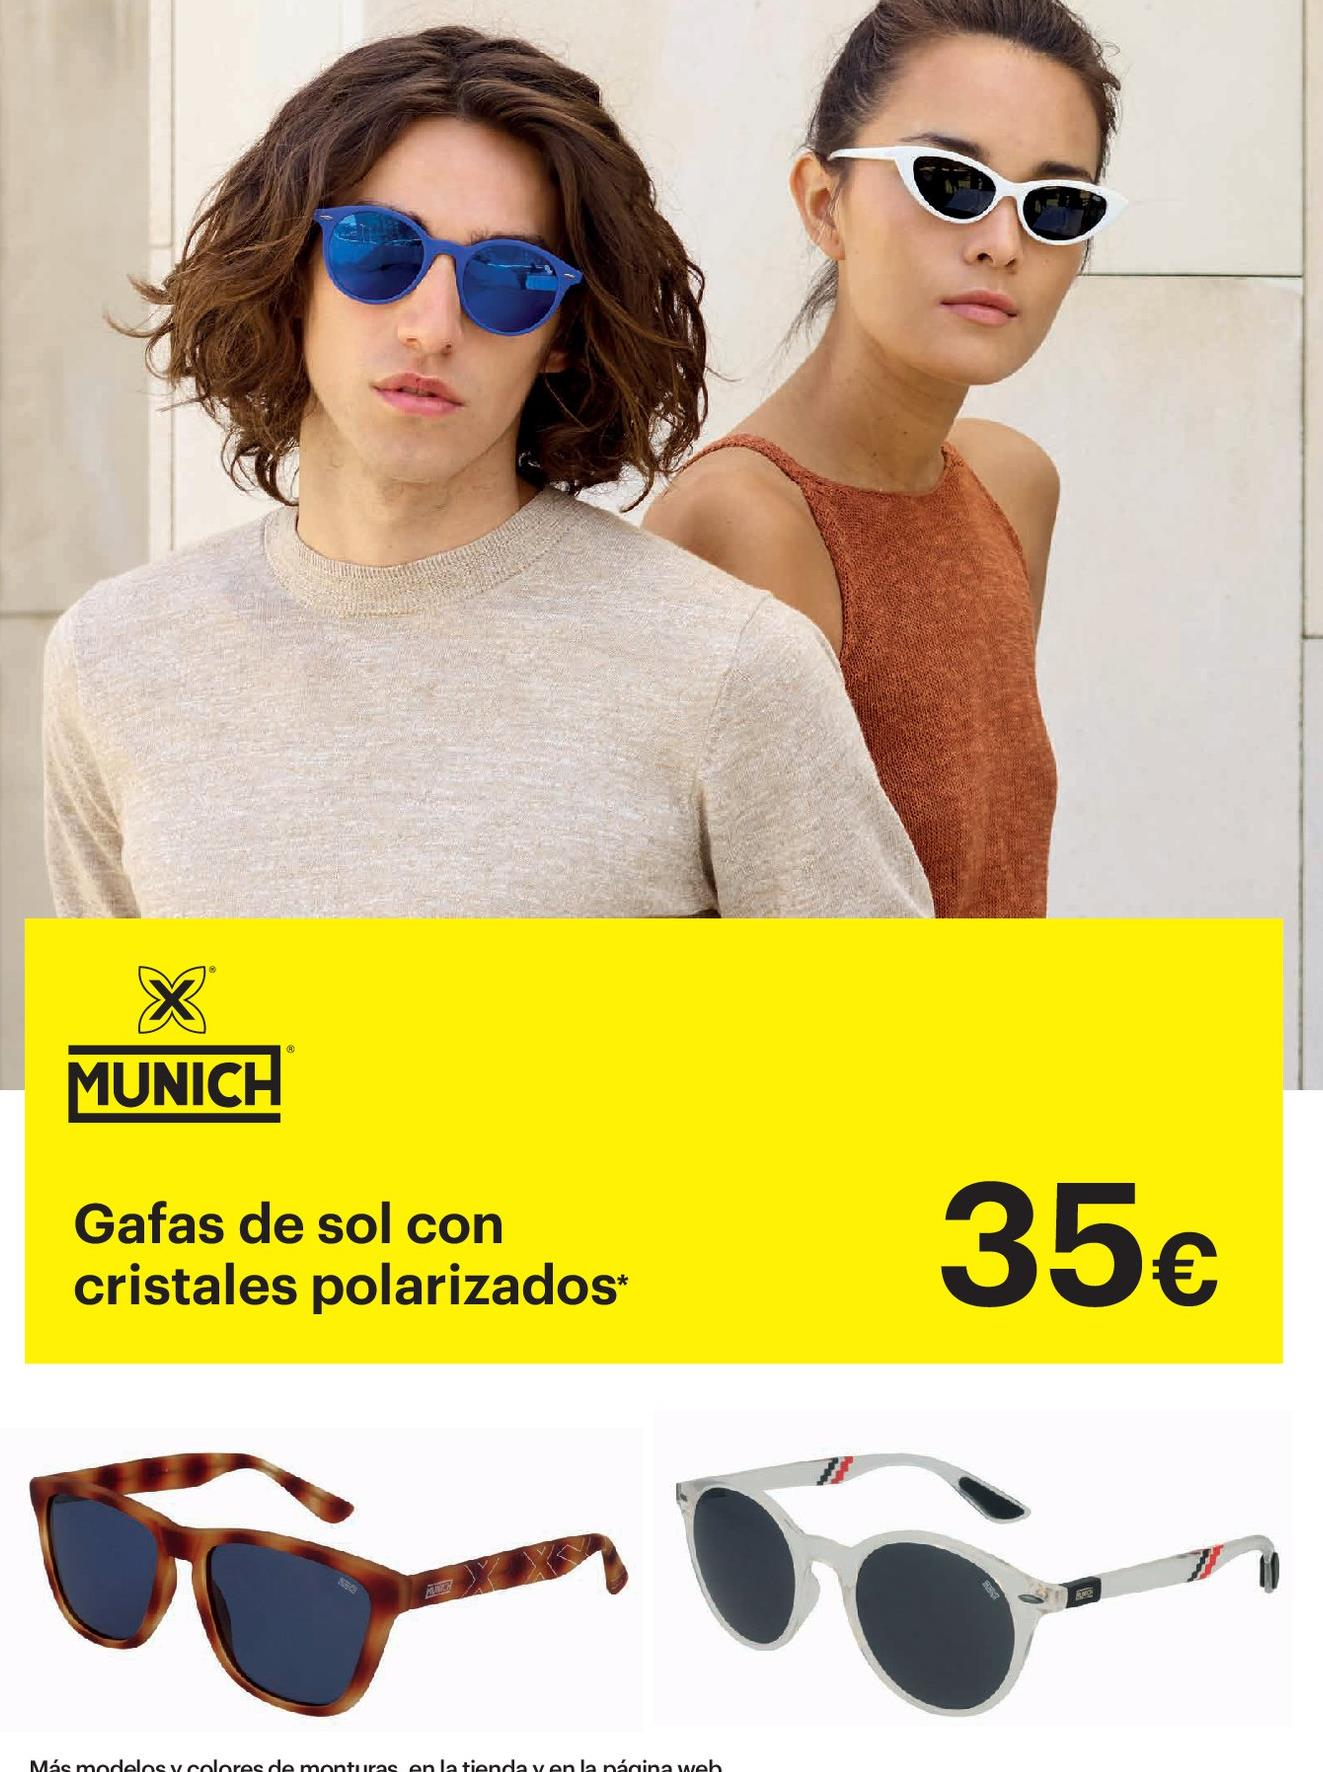 7e41ea2d06 Comprar Gafas de sol en Molina de Segura   Ofertas y descuentos